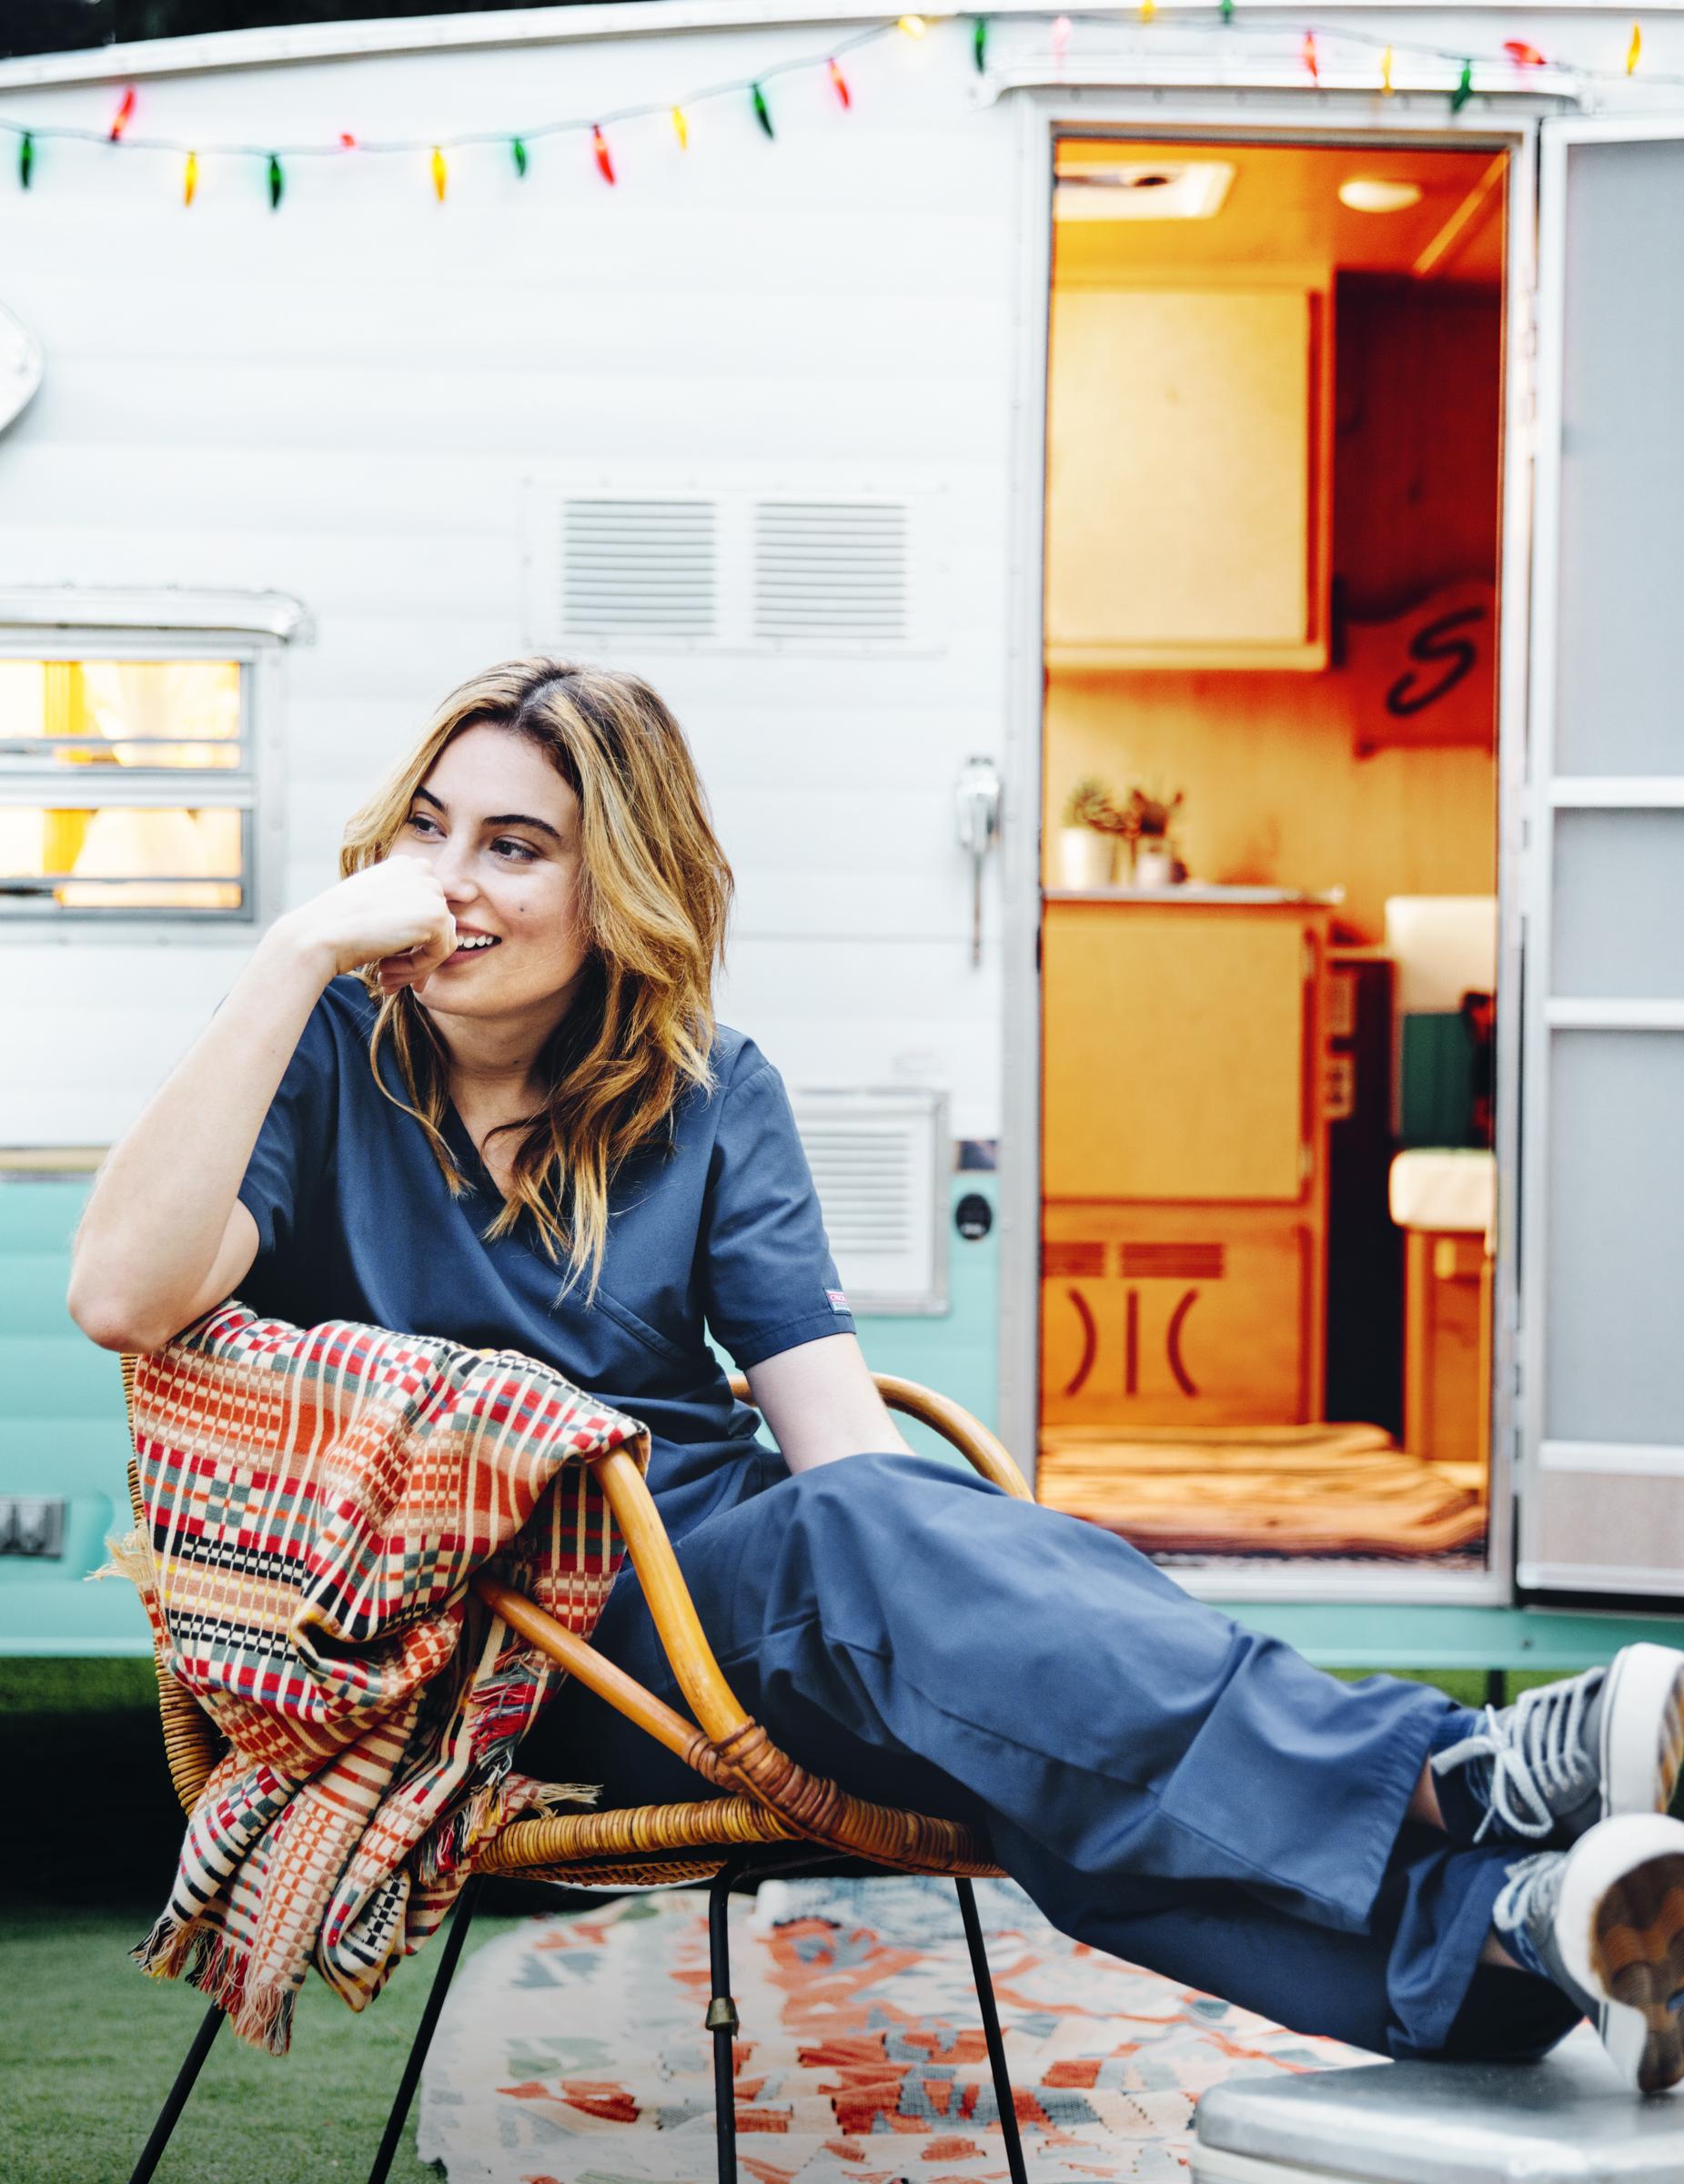 girl_&_trailer_0326_V2_final.jpg